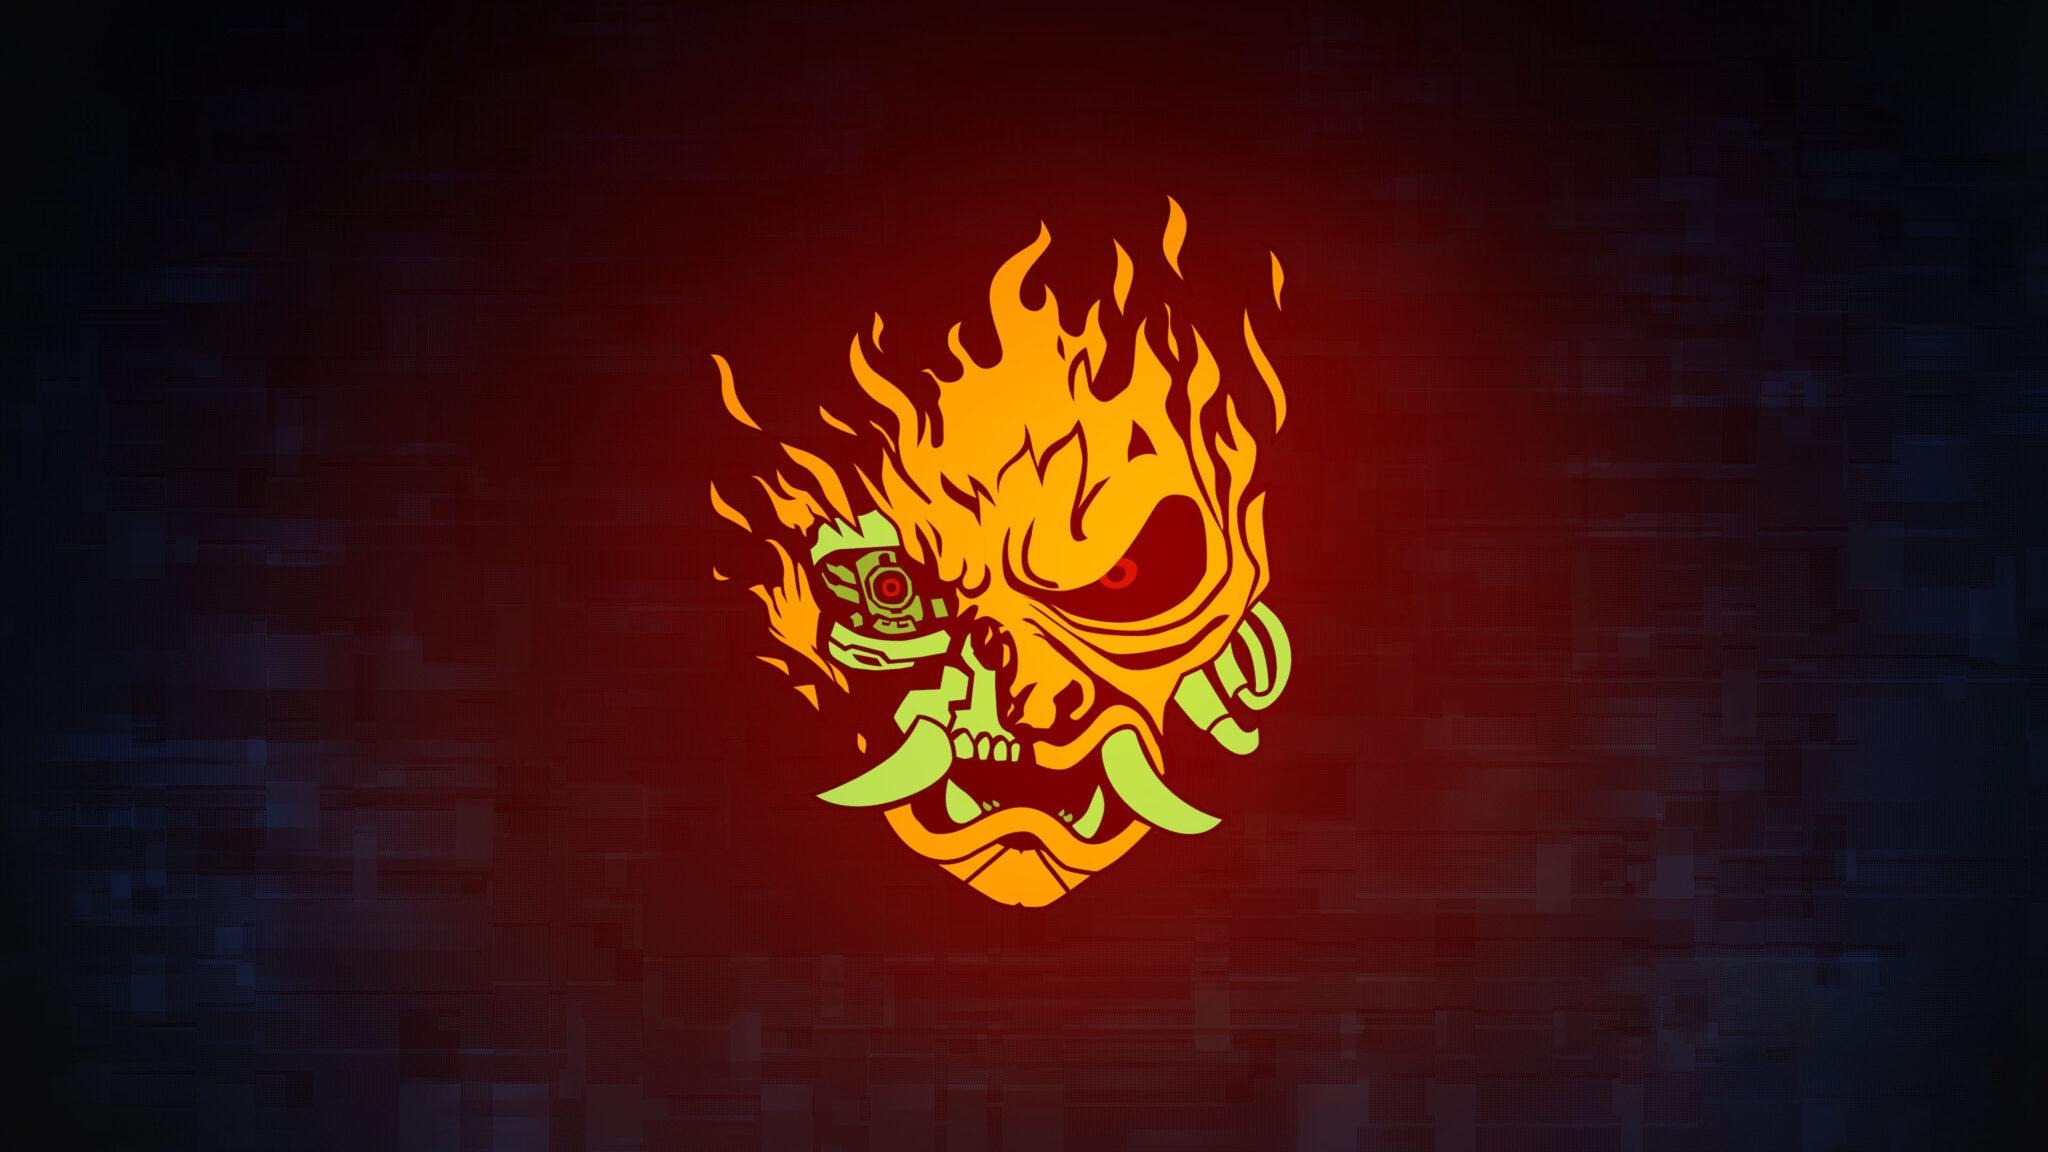 cyberpunk 2077 logo samourai